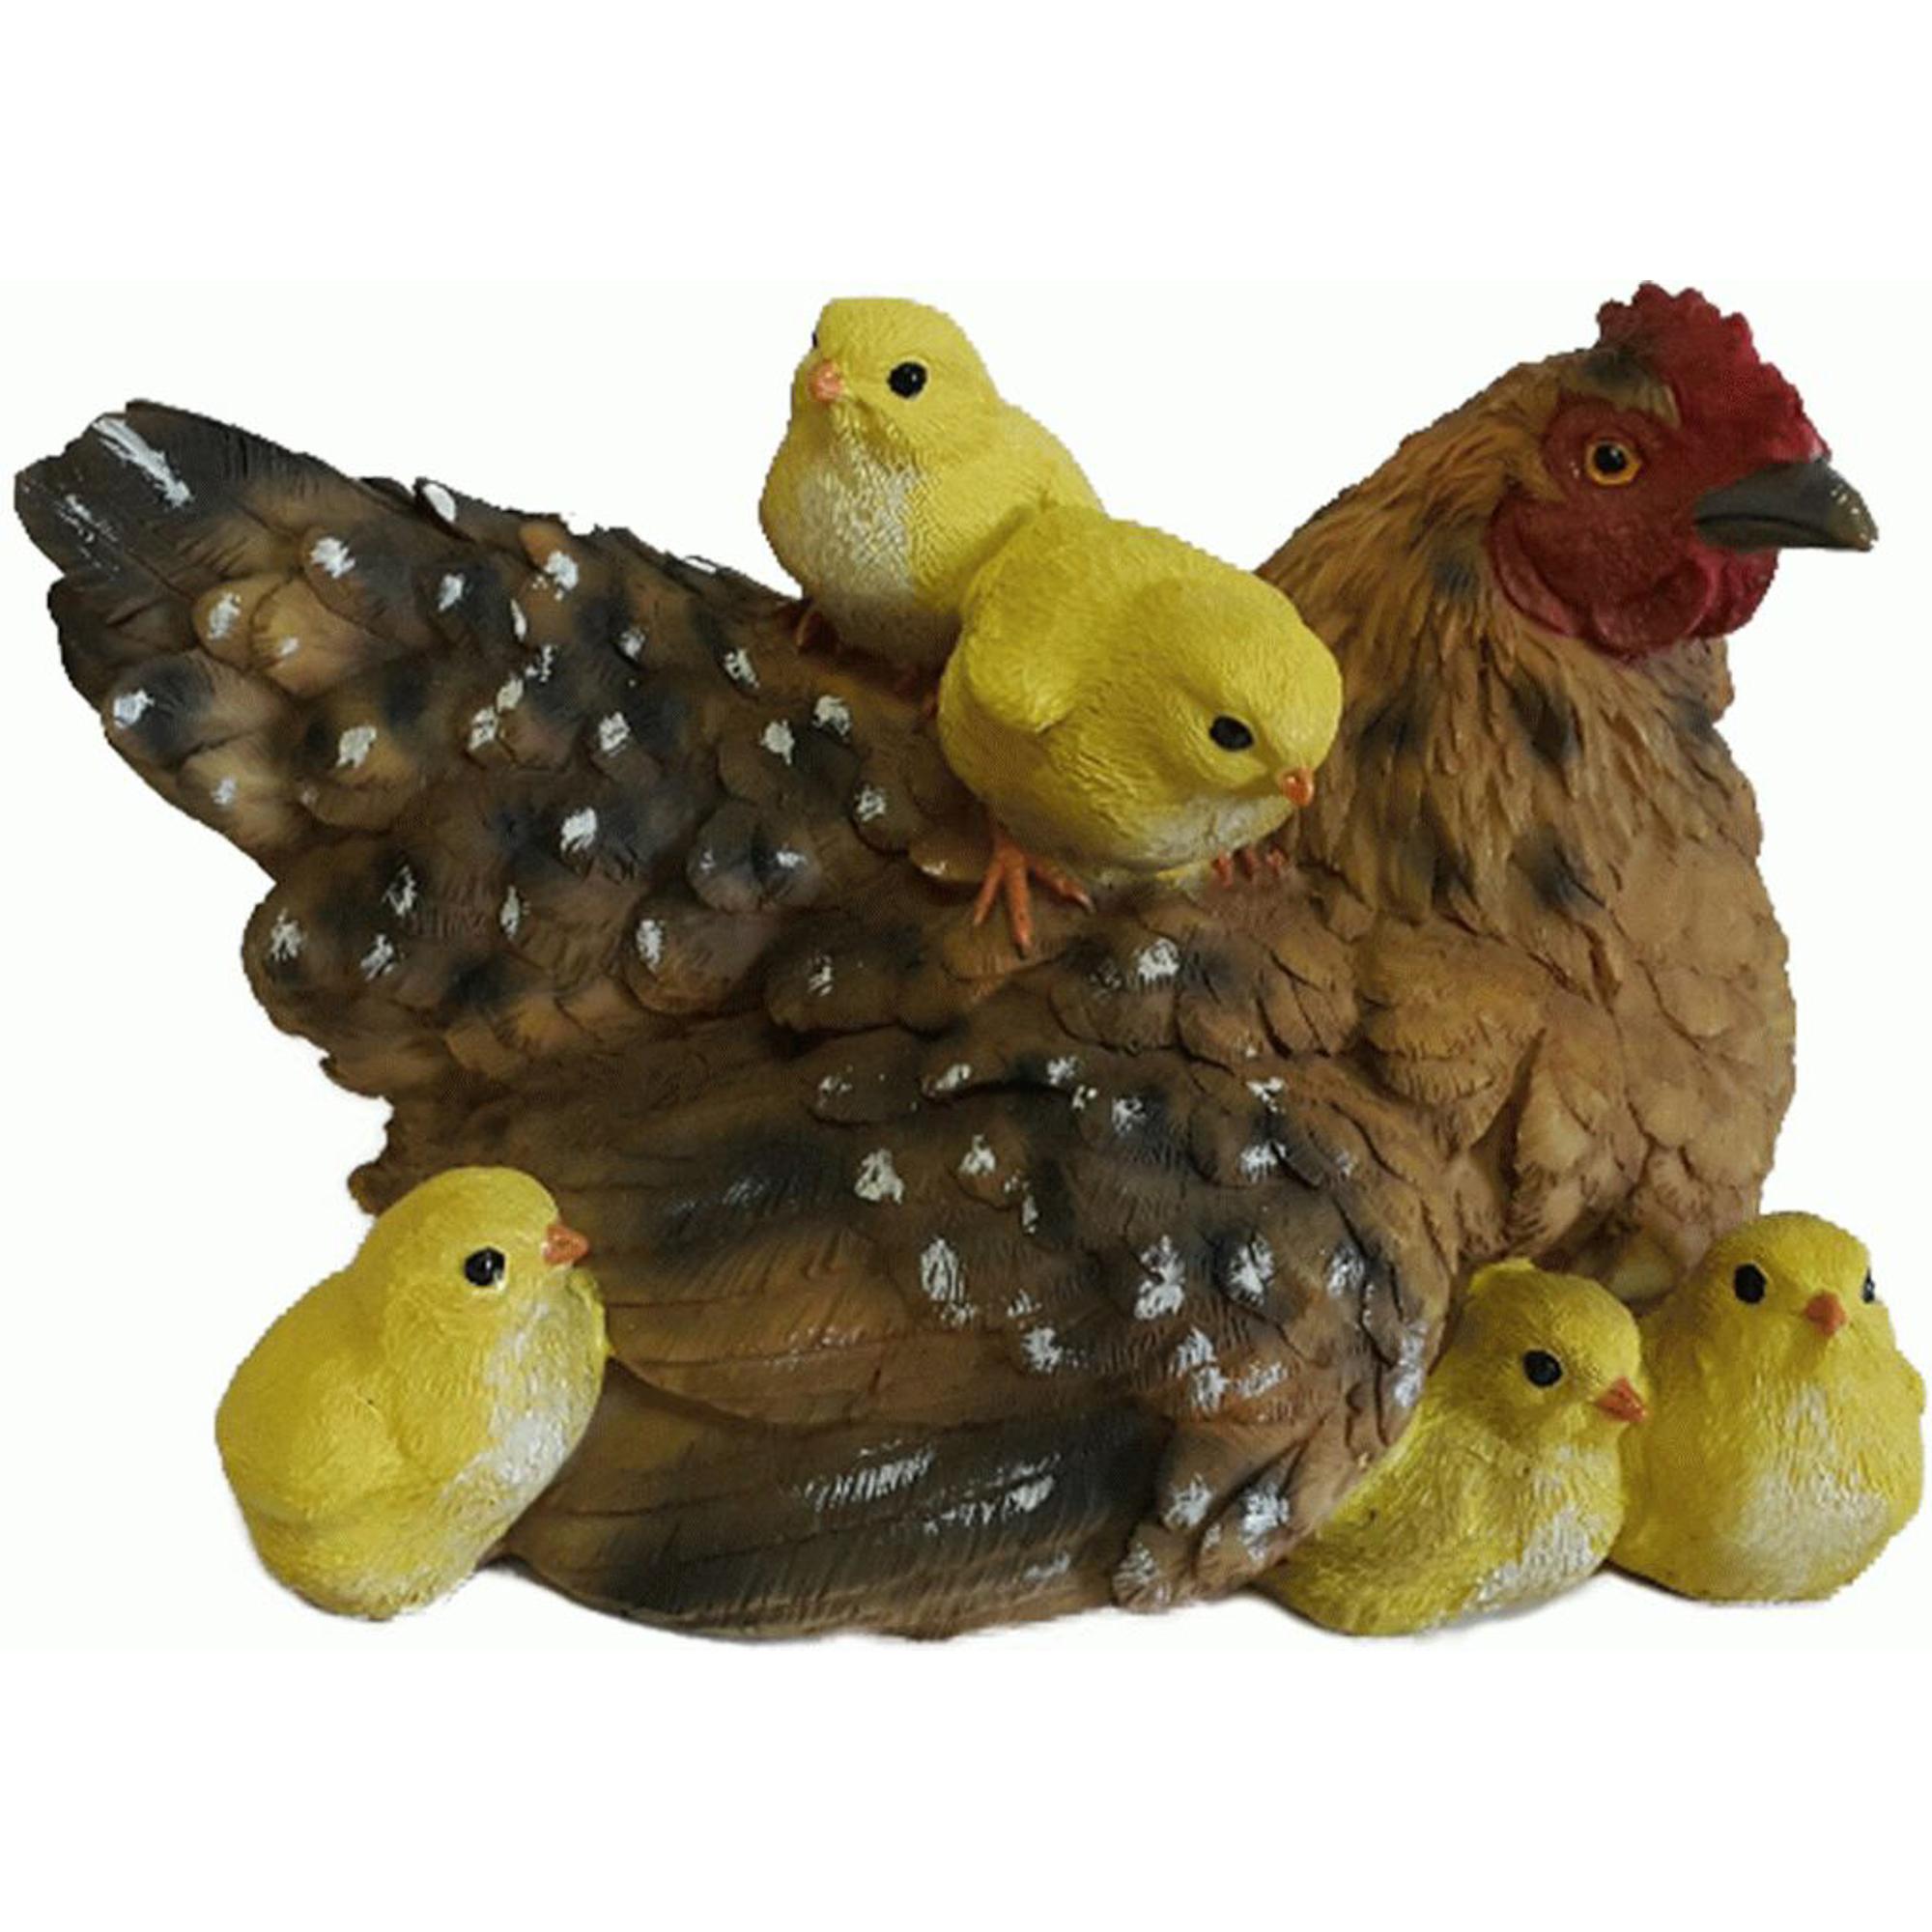 Фигура садовая Курица-мама с детьми Тпк полиформ садовая фигура ёж семен с клубничкой 17х17х35см 600295